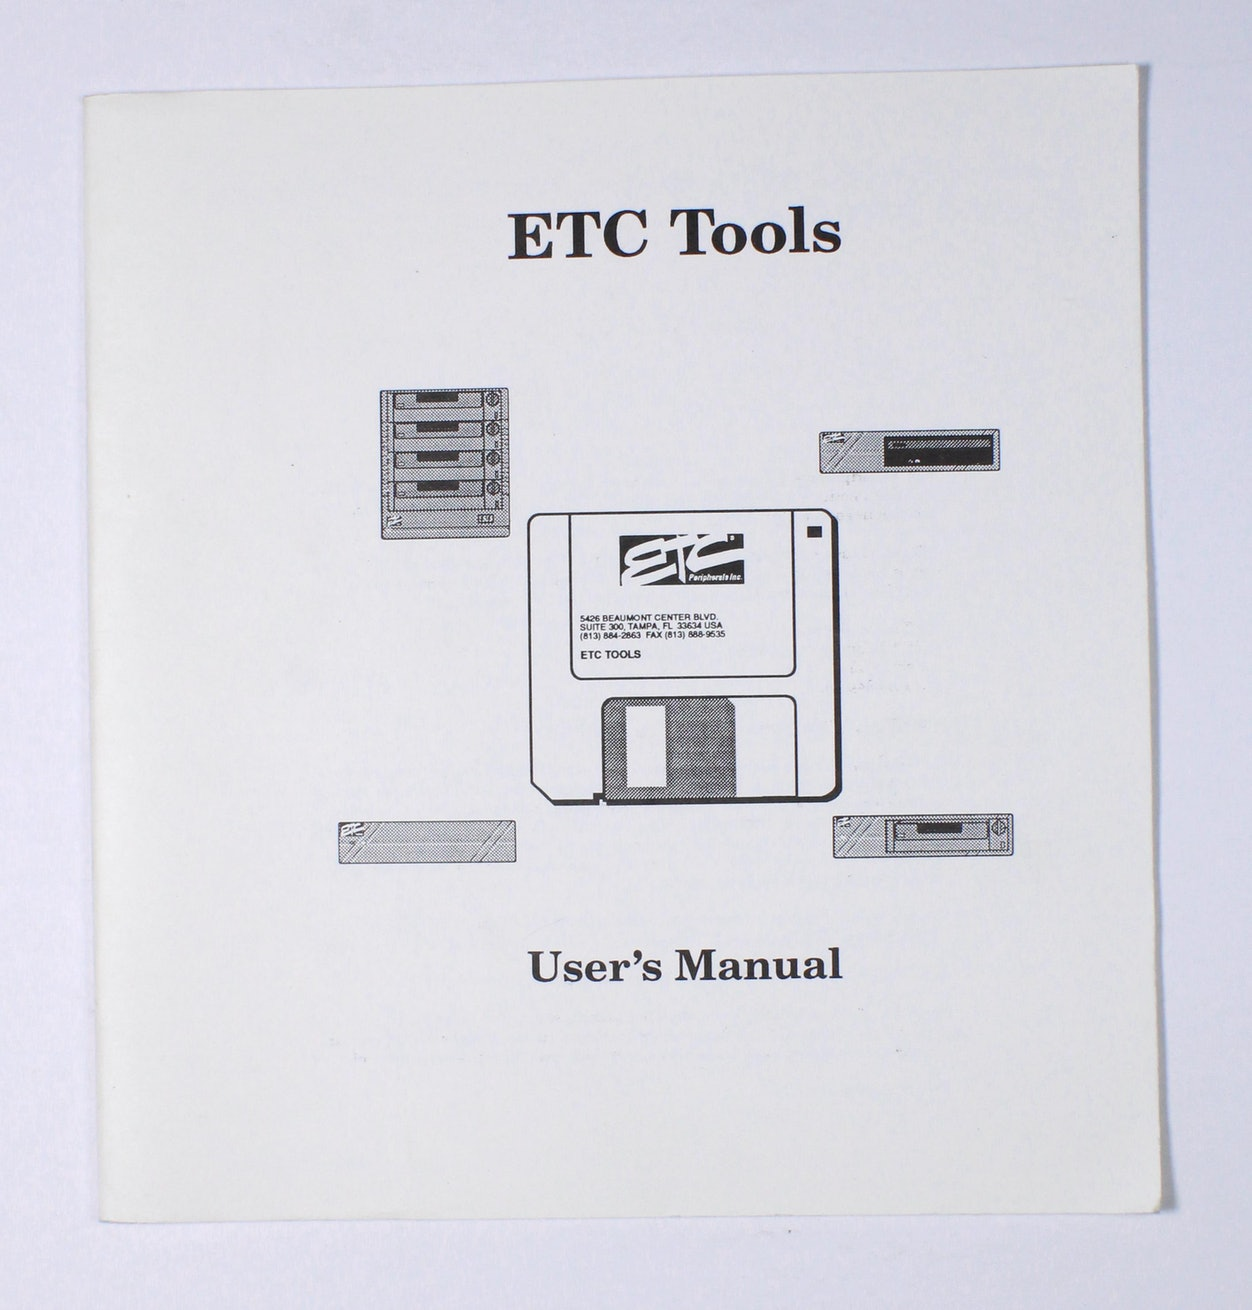 ETC Tools User's Manual